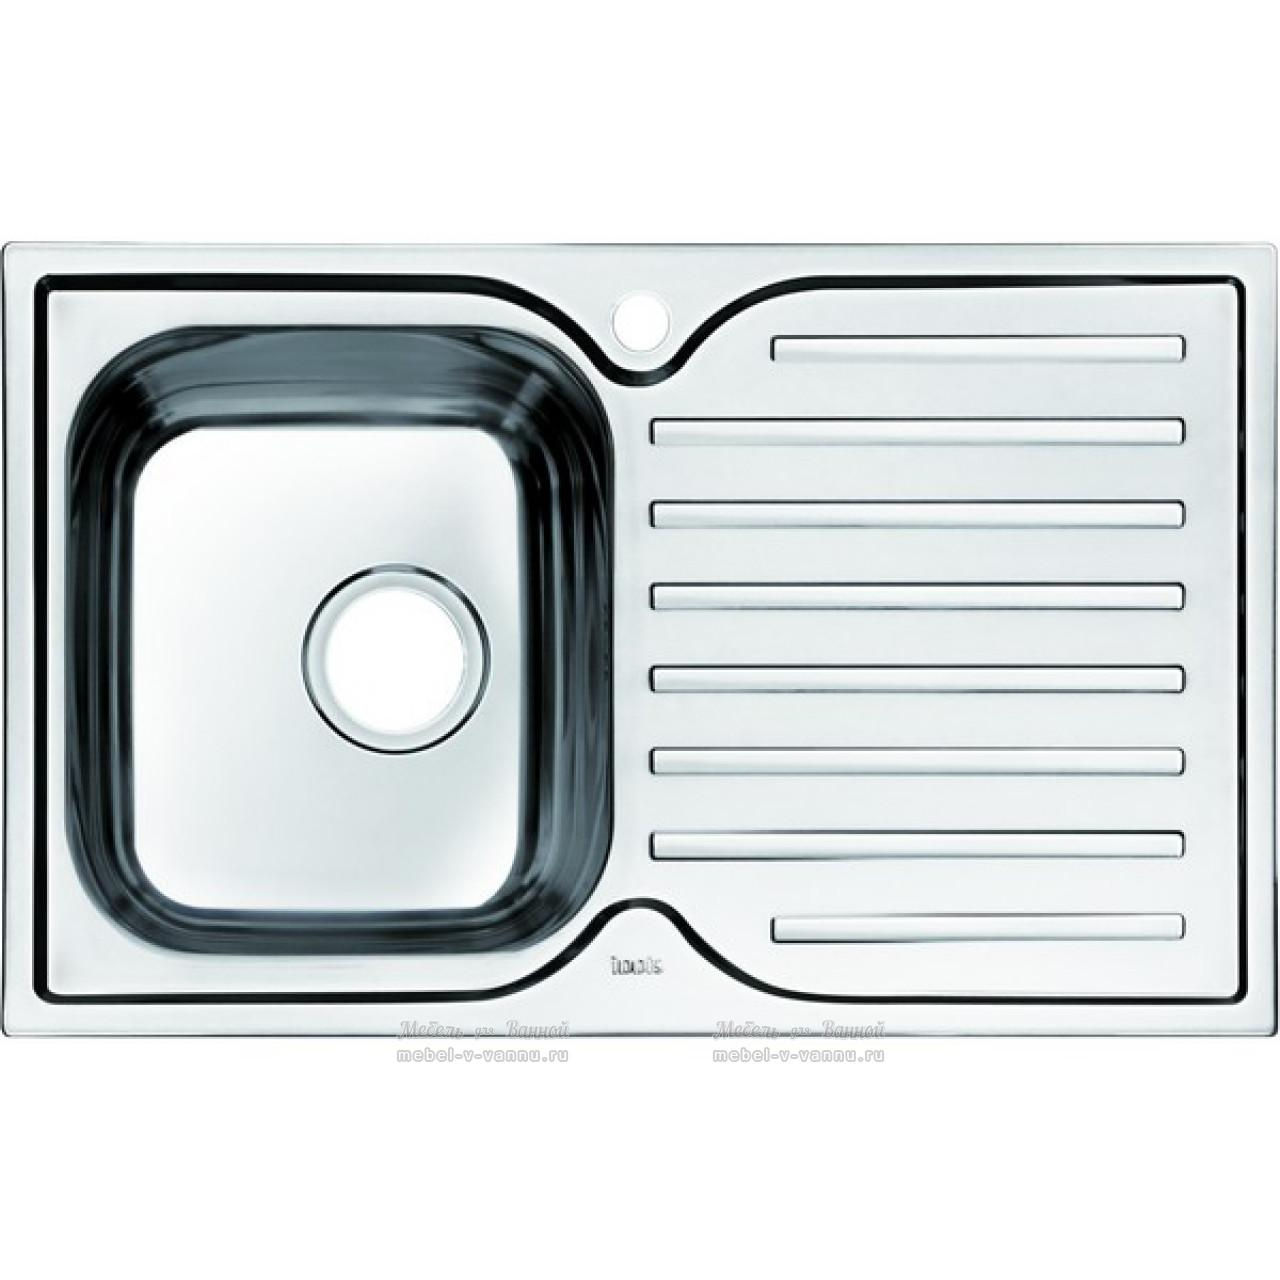 Мойка для кухни Iddis Strit 780х480 купить в Москве по цене от 5200р. в интернет-магазине mebel-v-vannu.ru